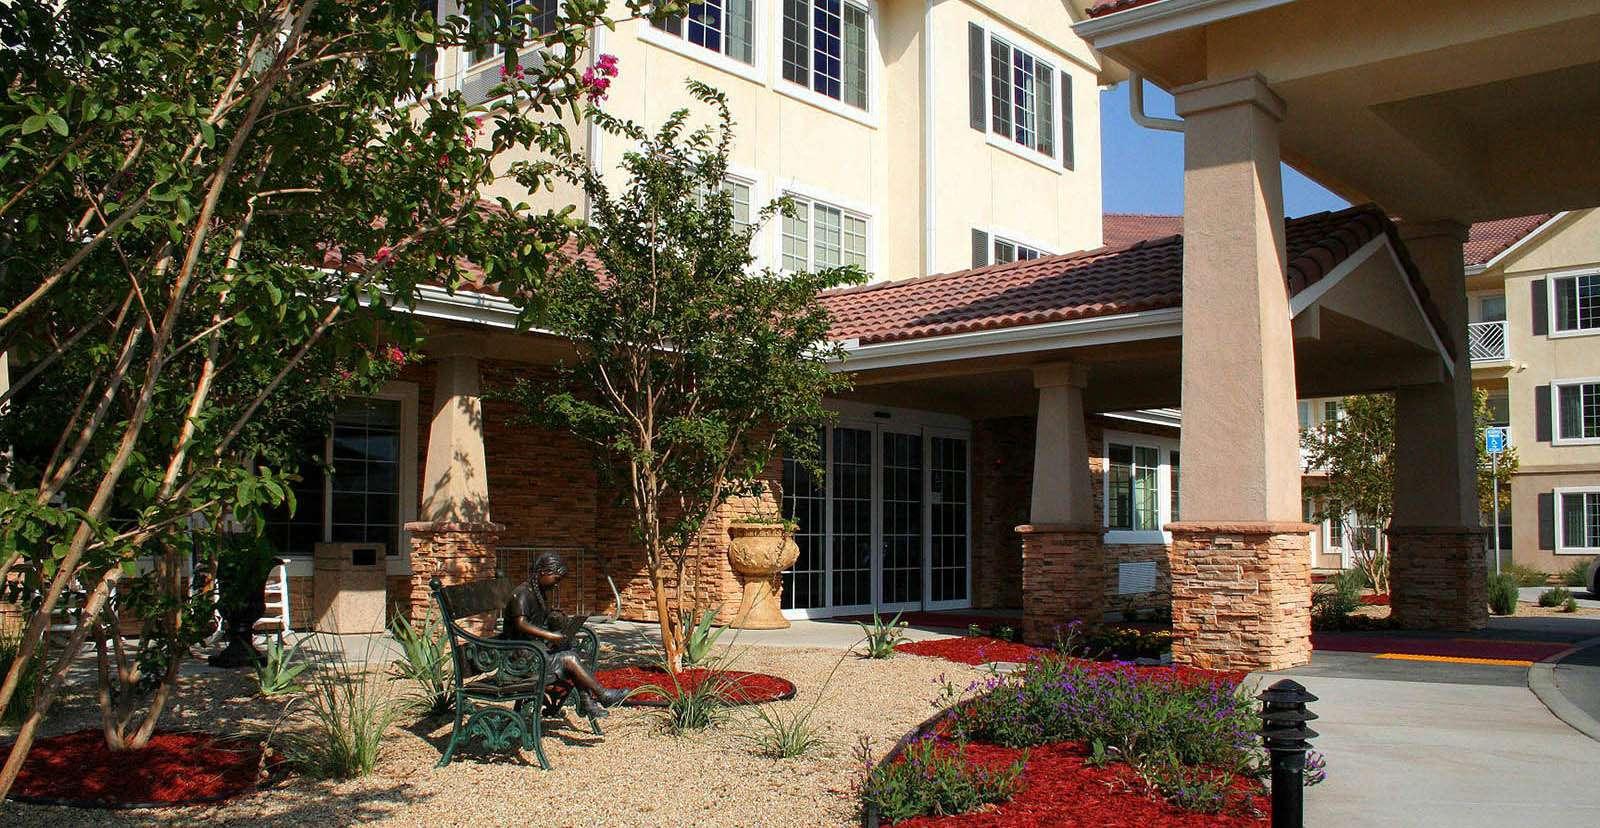 Rancho Village image 6